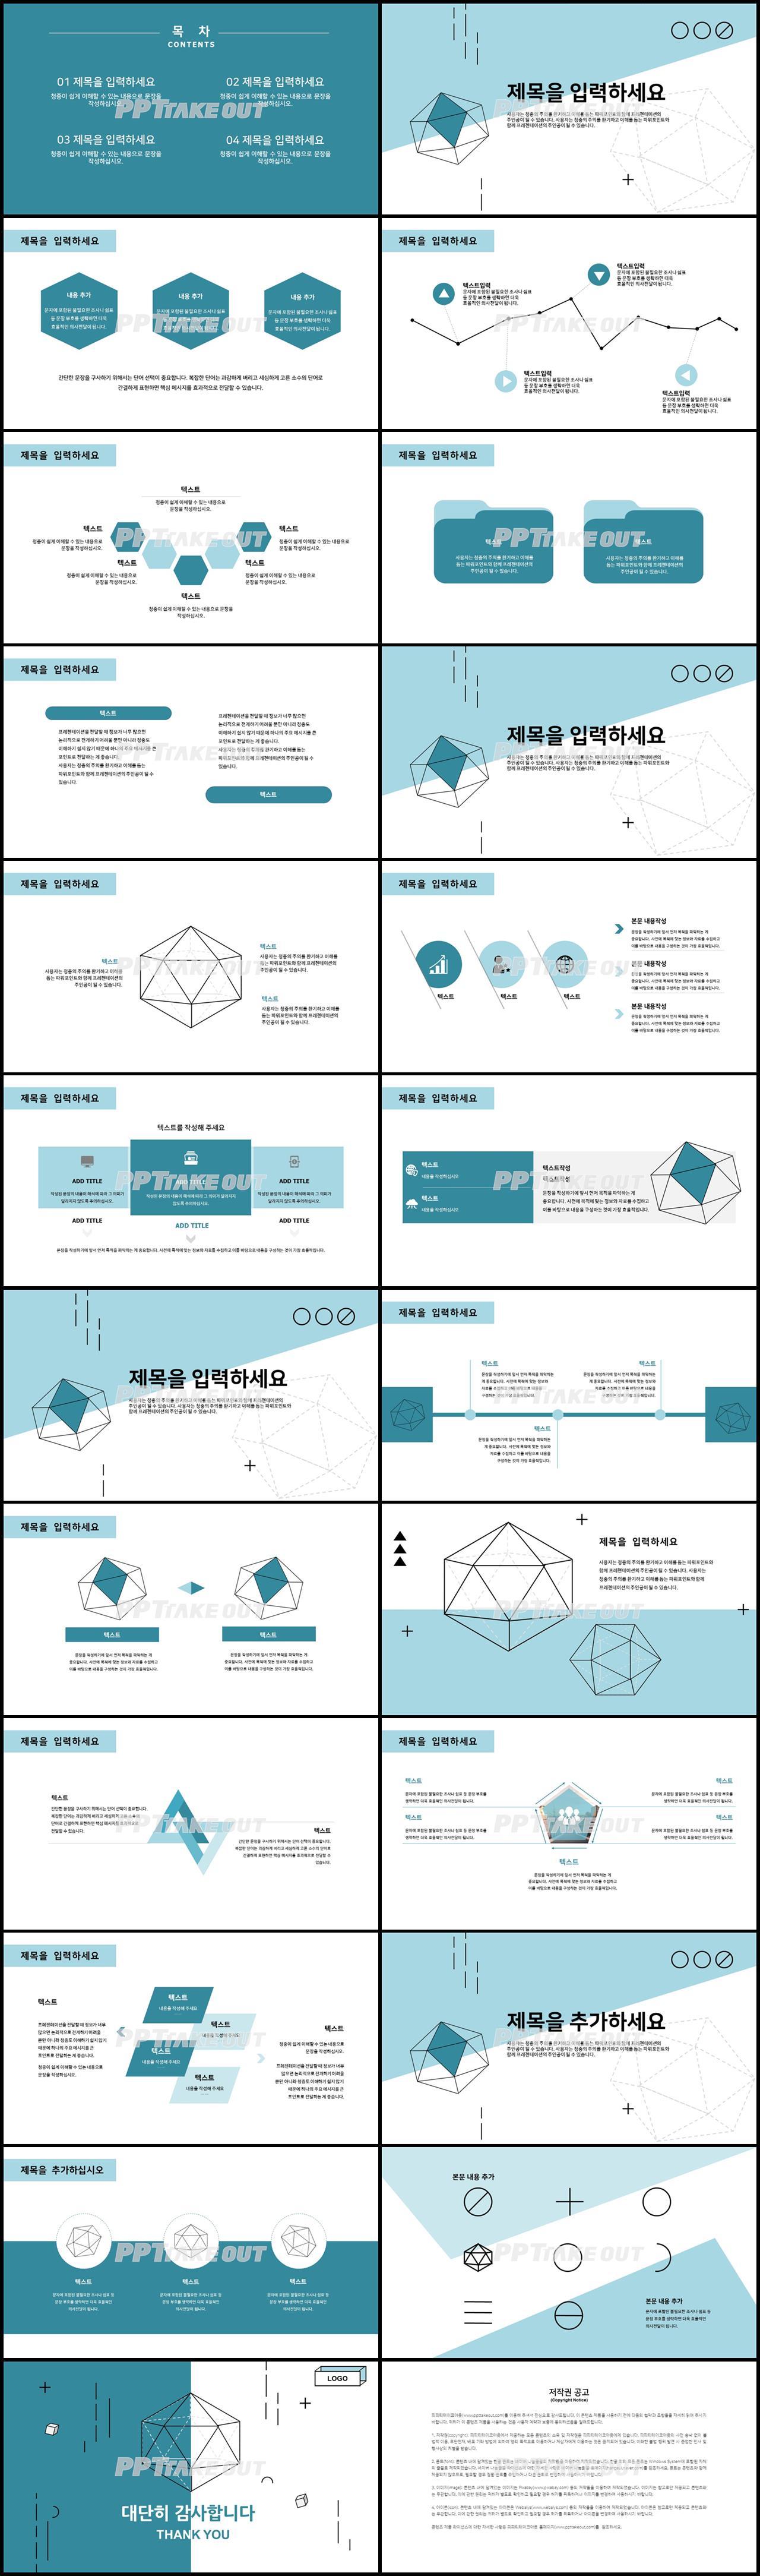 사업융자 파란색 애니메이션 매력적인 피피티서식 제작 상세보기